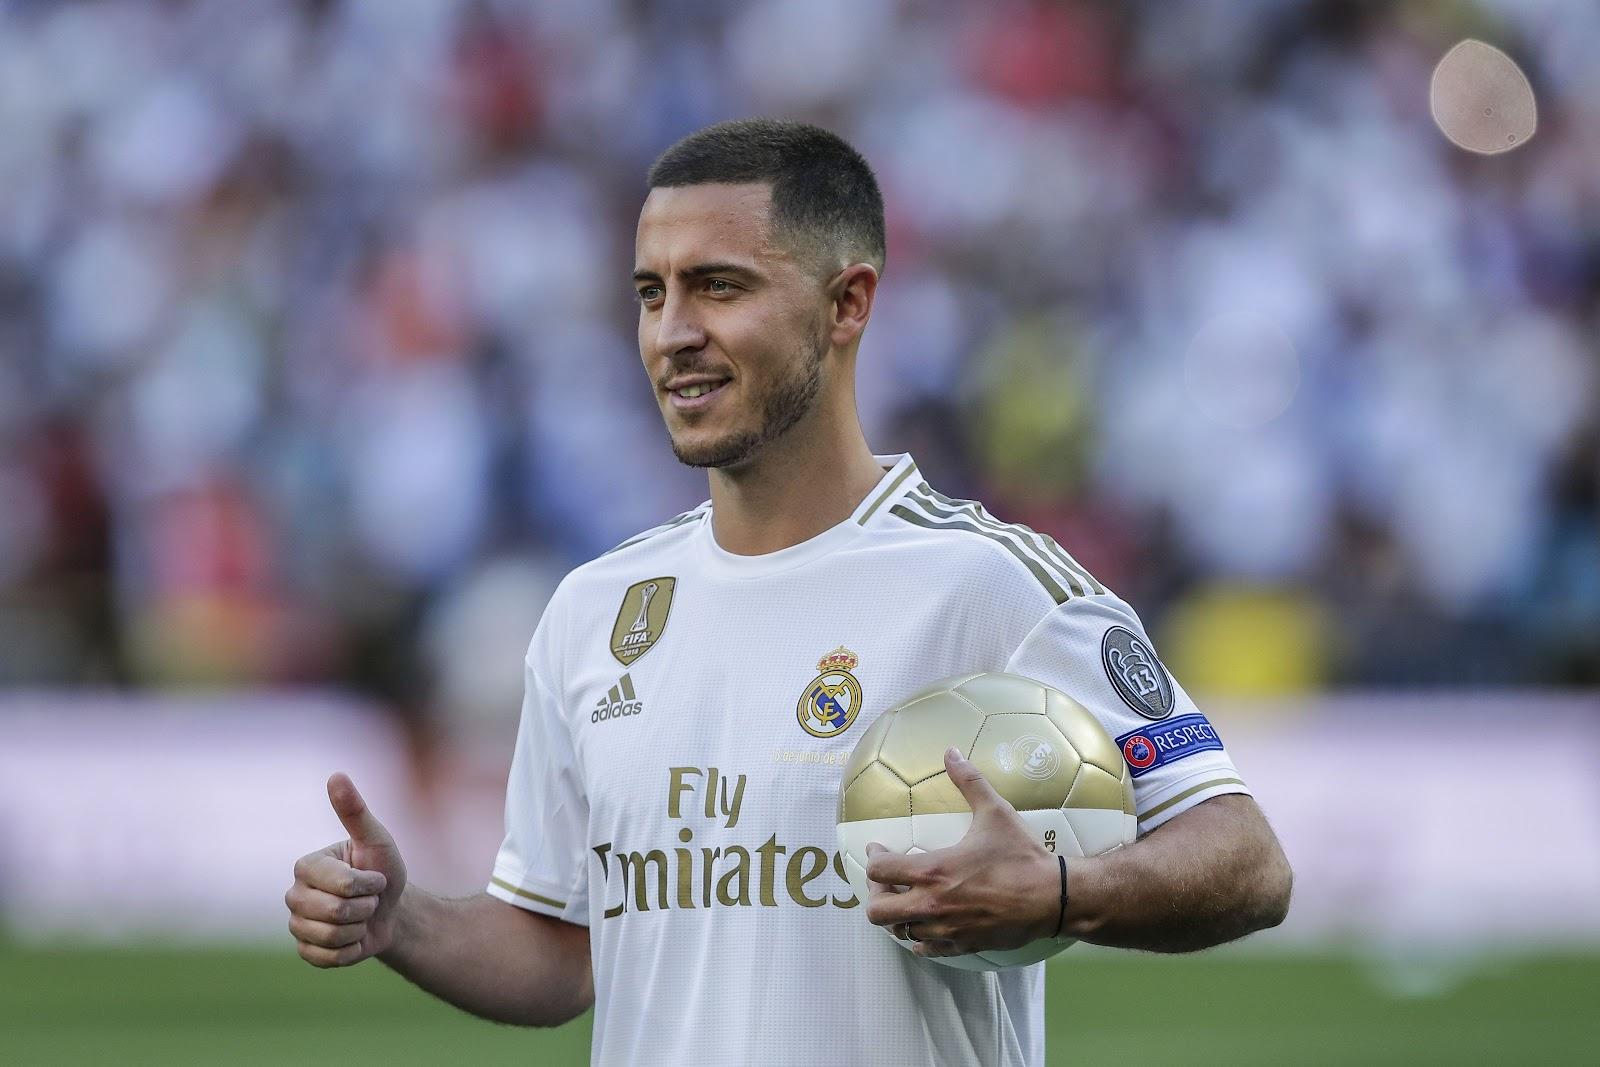 Эден Азар перешел в Реал